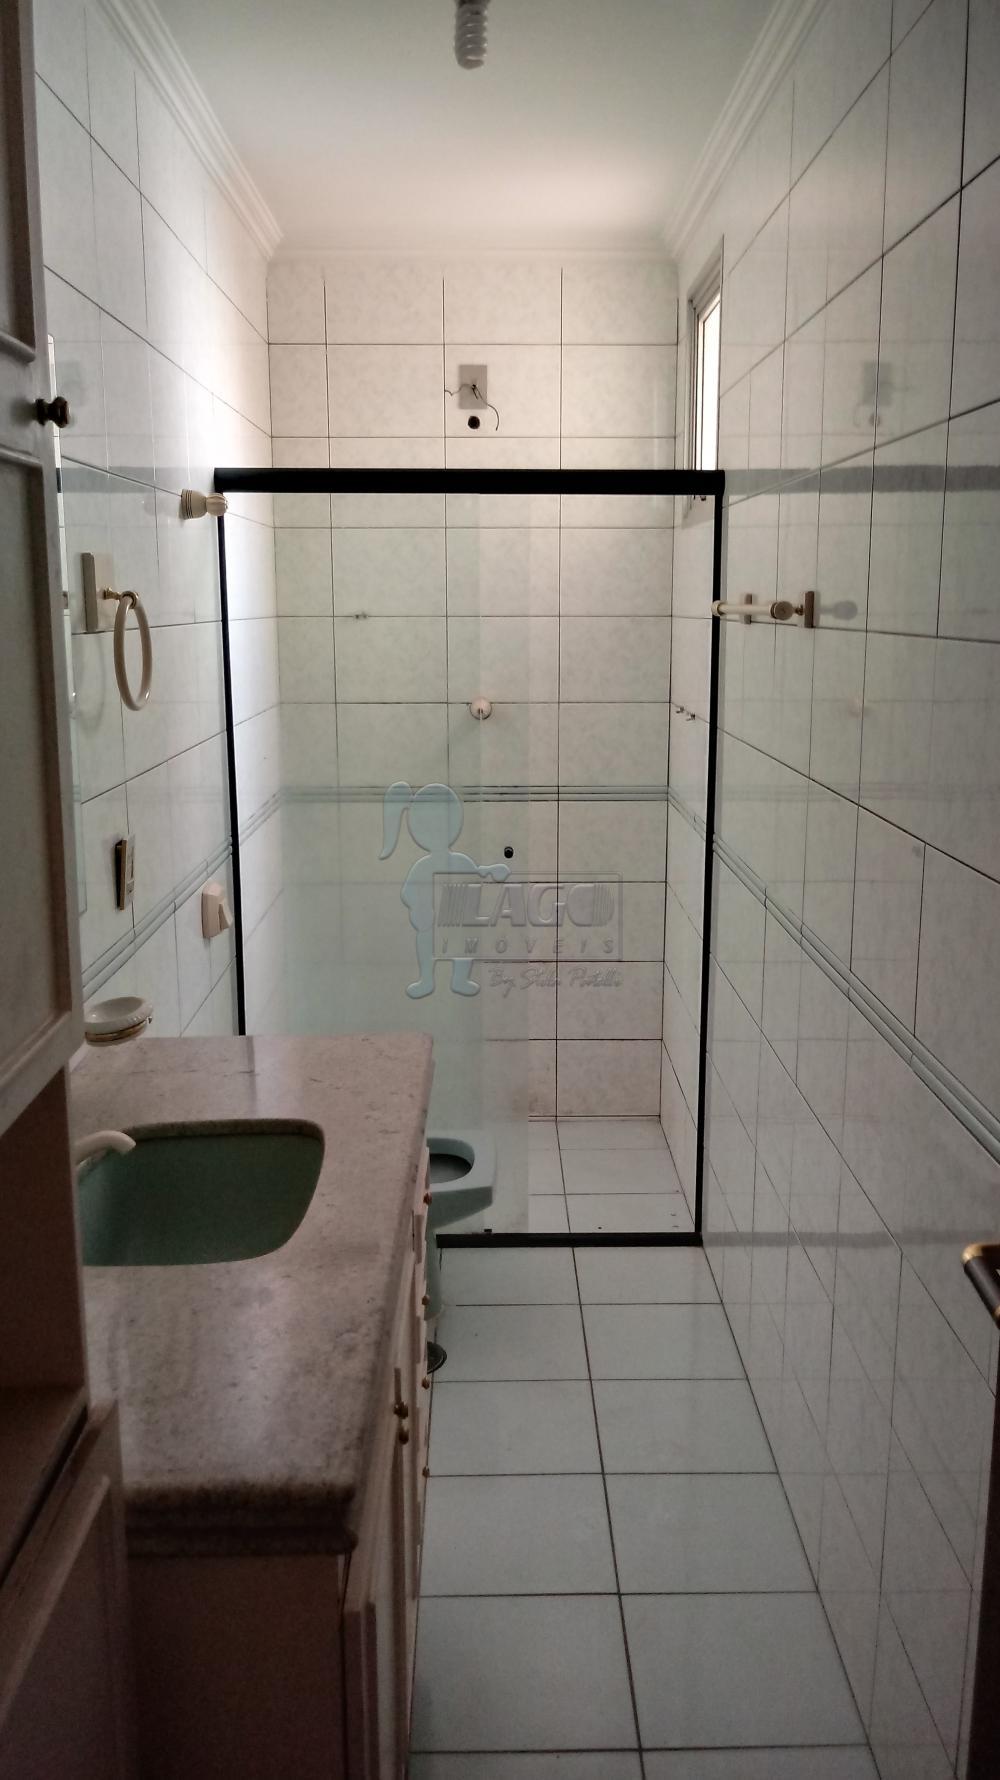 Comprar Apartamento / Padrão em Ribeirão Preto apenas R$ 230.000,00 - Foto 18